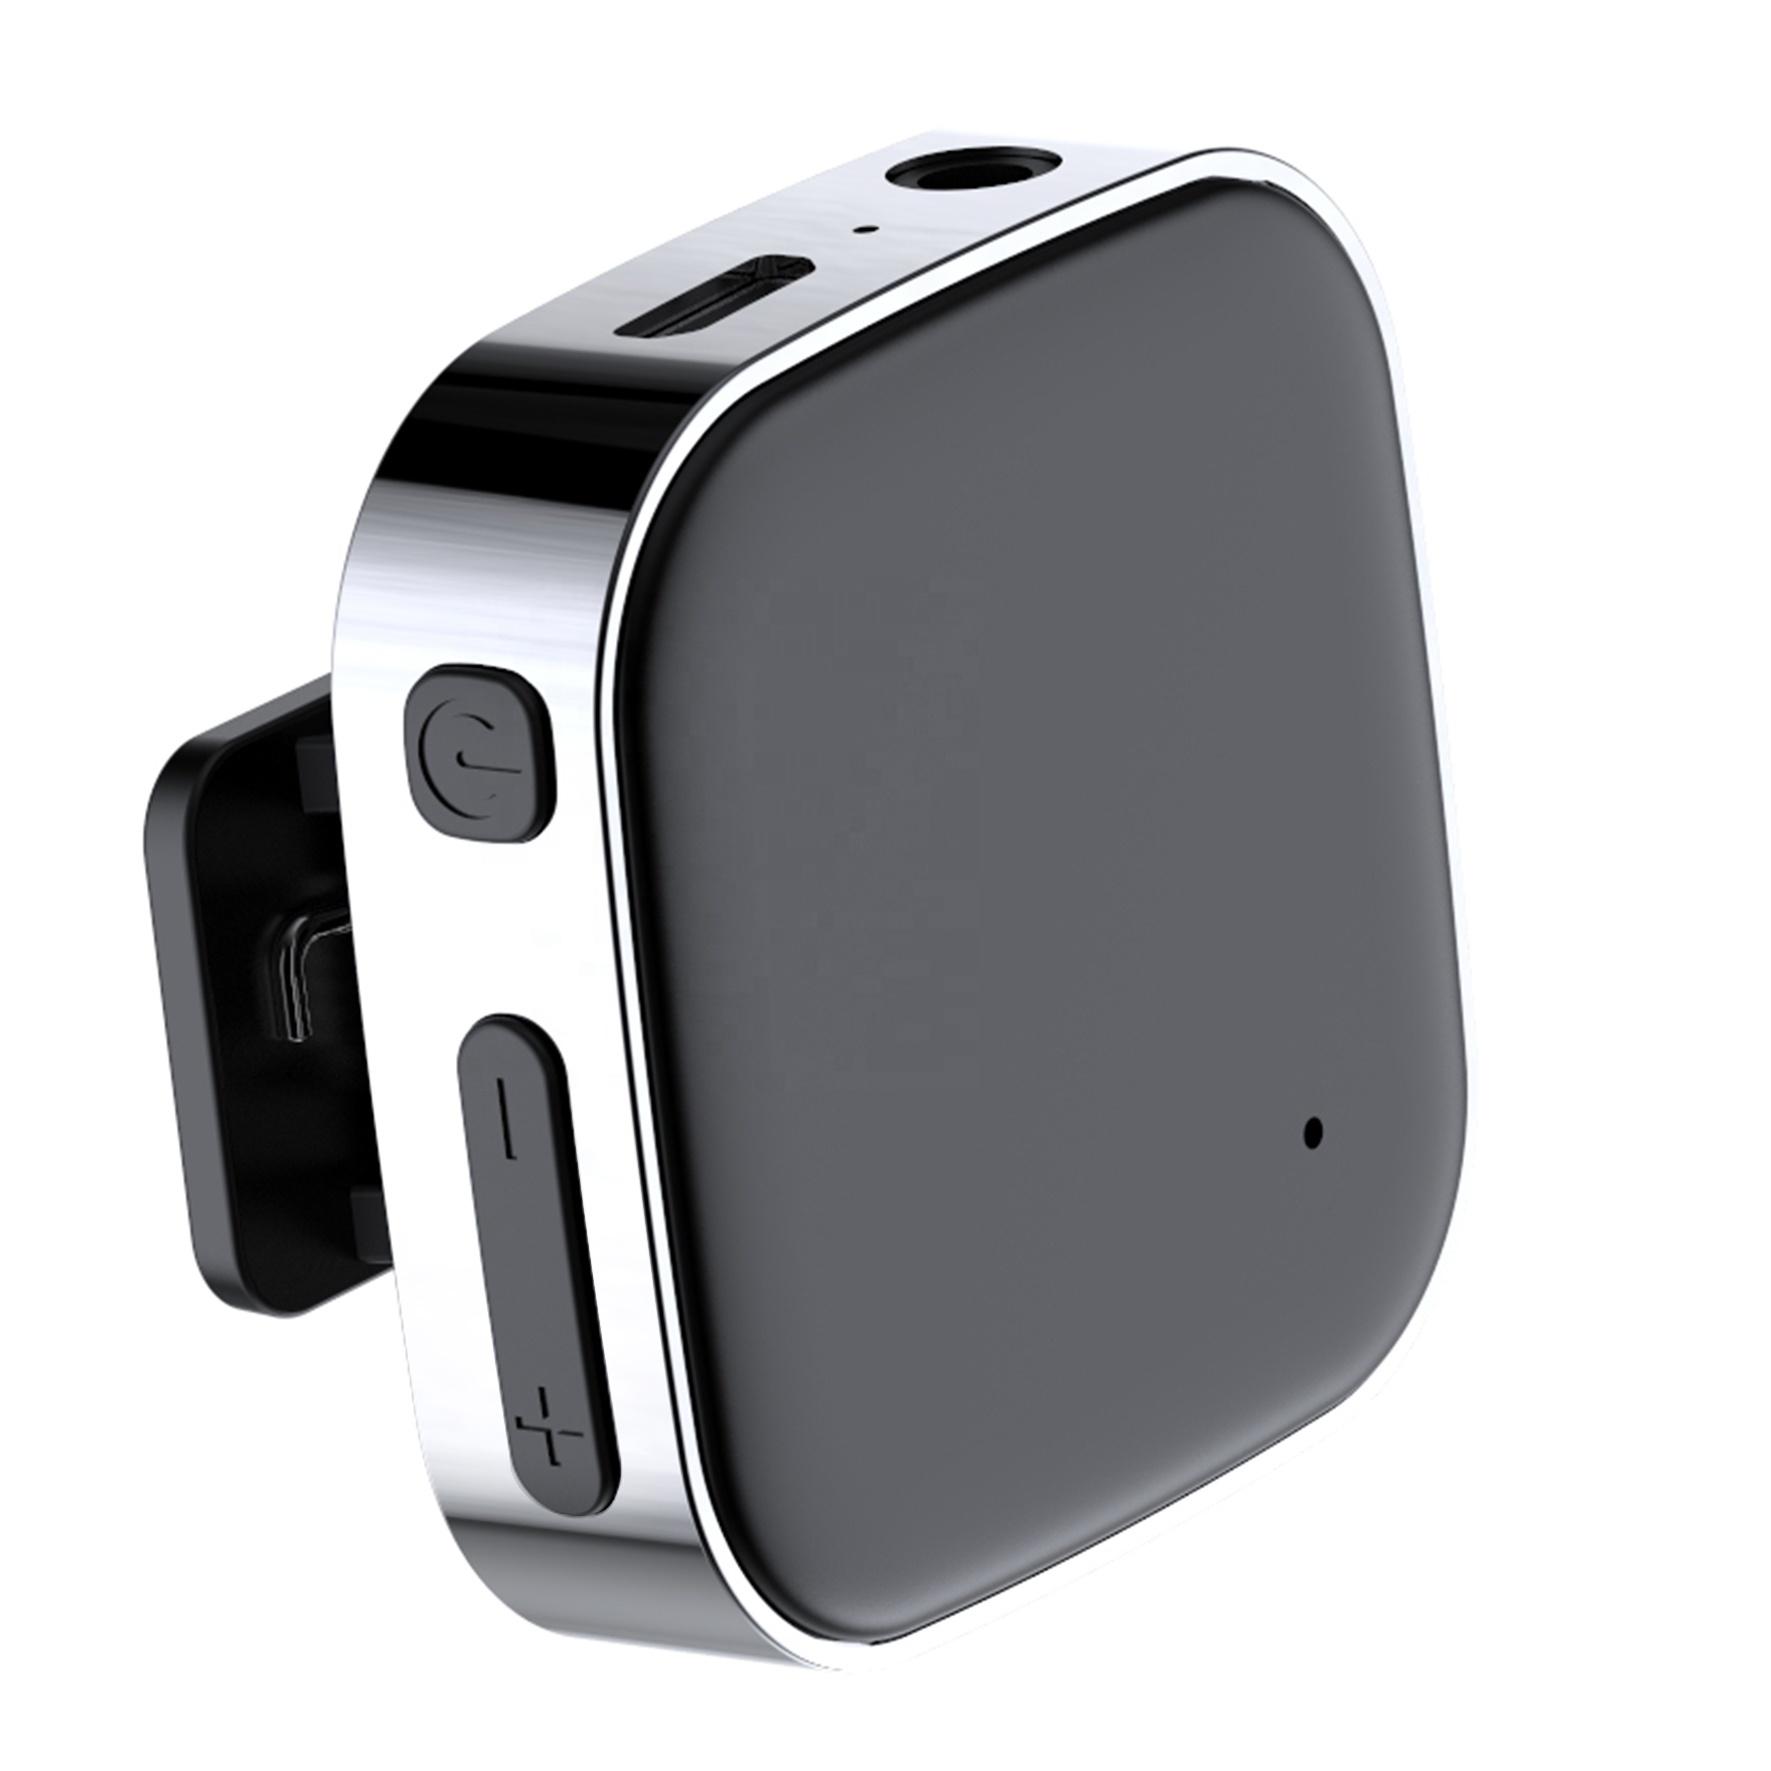 J21 V5.0 Двухканальный аудио музыкальный 3,5 мм приемник беспроводной для автомобиля/проводные наушники гарнитура/домашний стерео плеер Громкая связь звонки